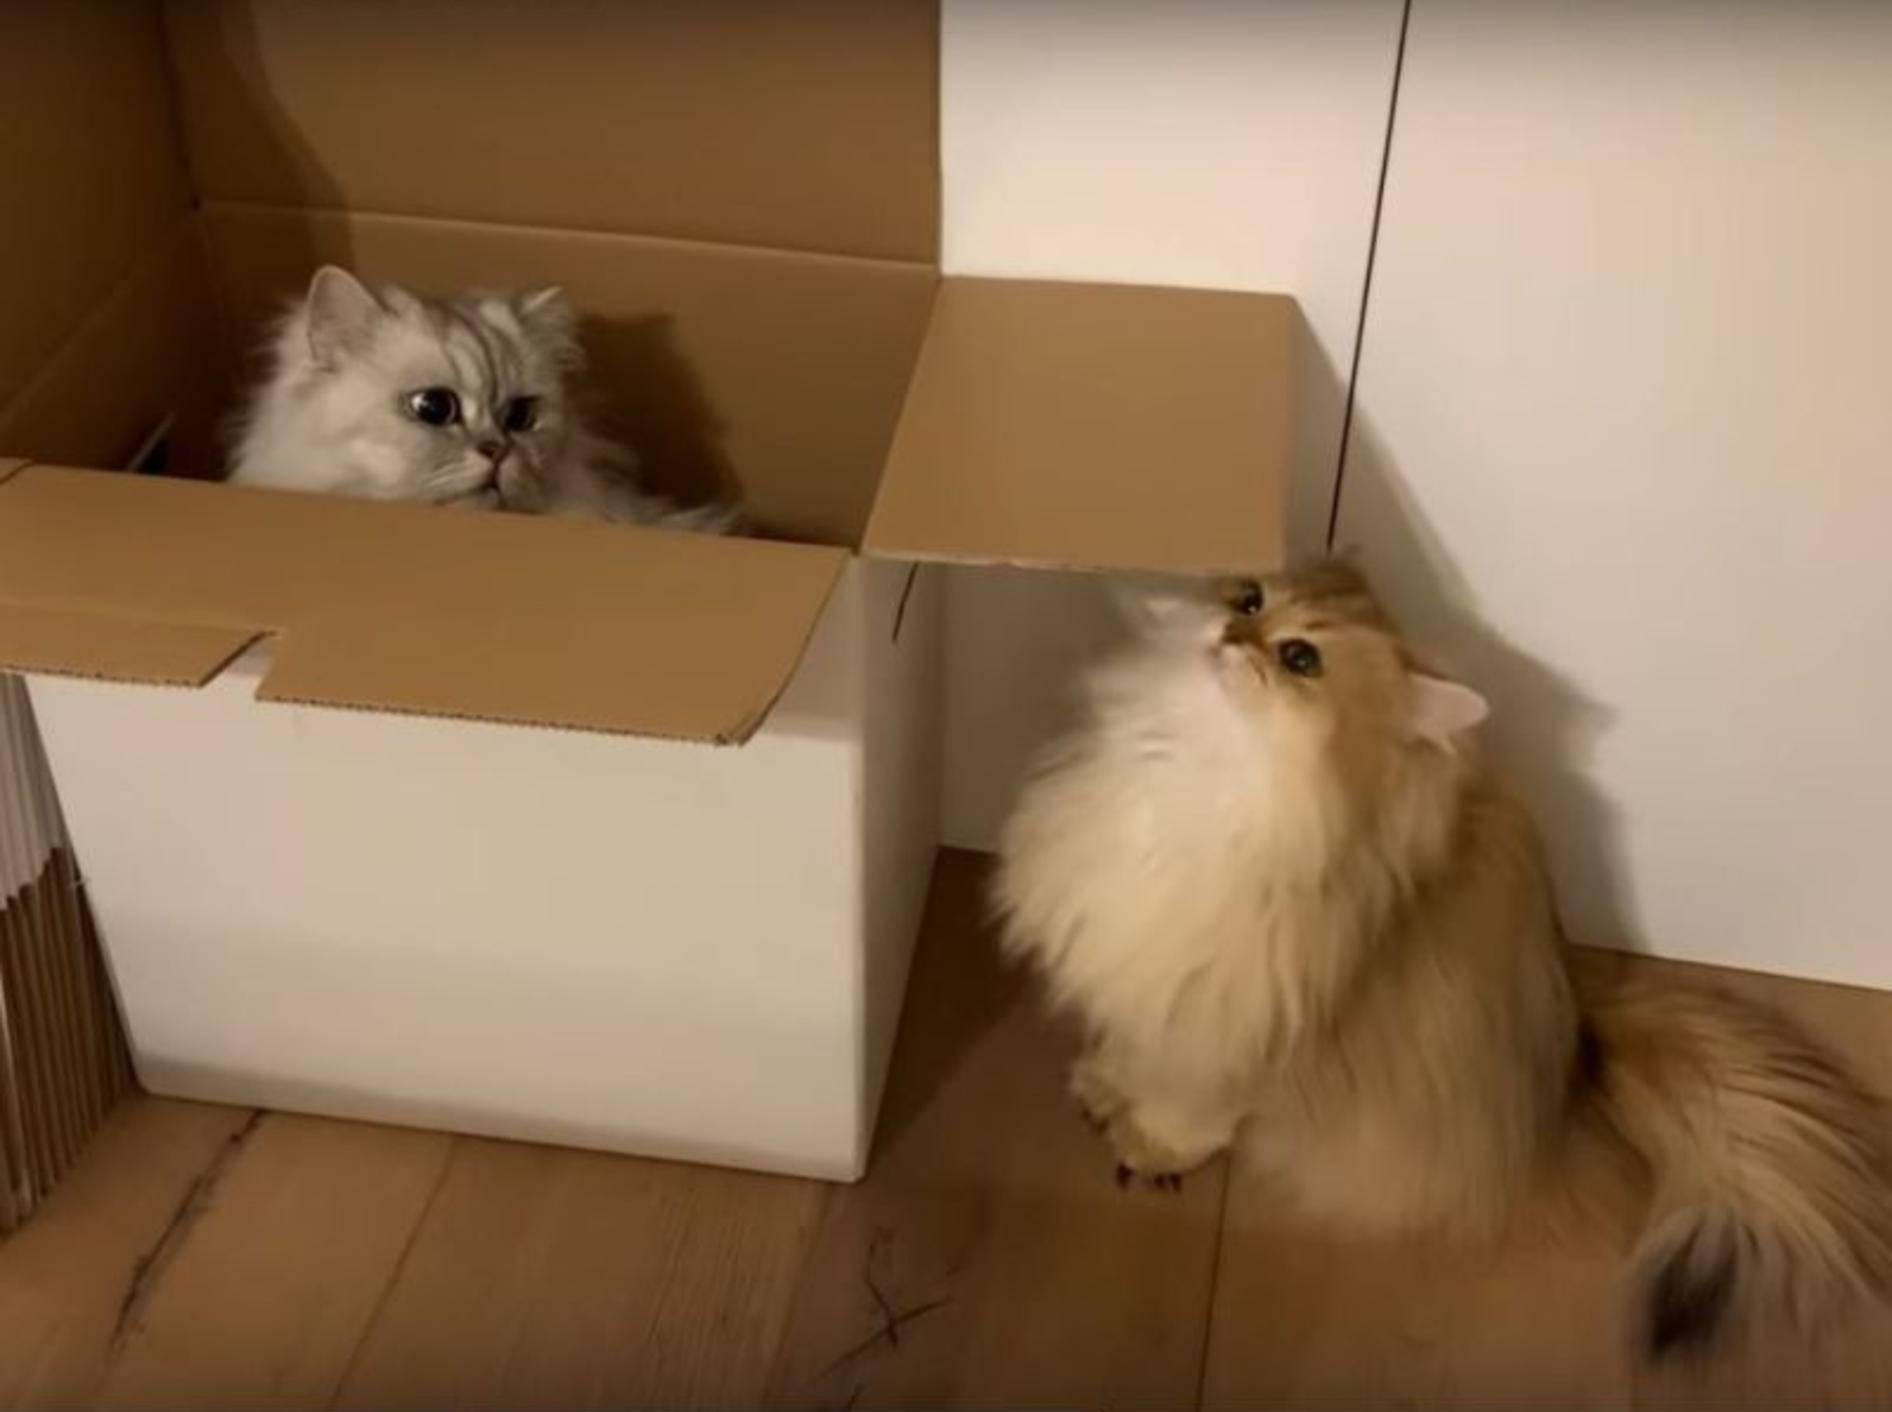 Flauschkatzen Smoothie und Milkshake helfen beim Umzug – YouTube / smoothiethecat